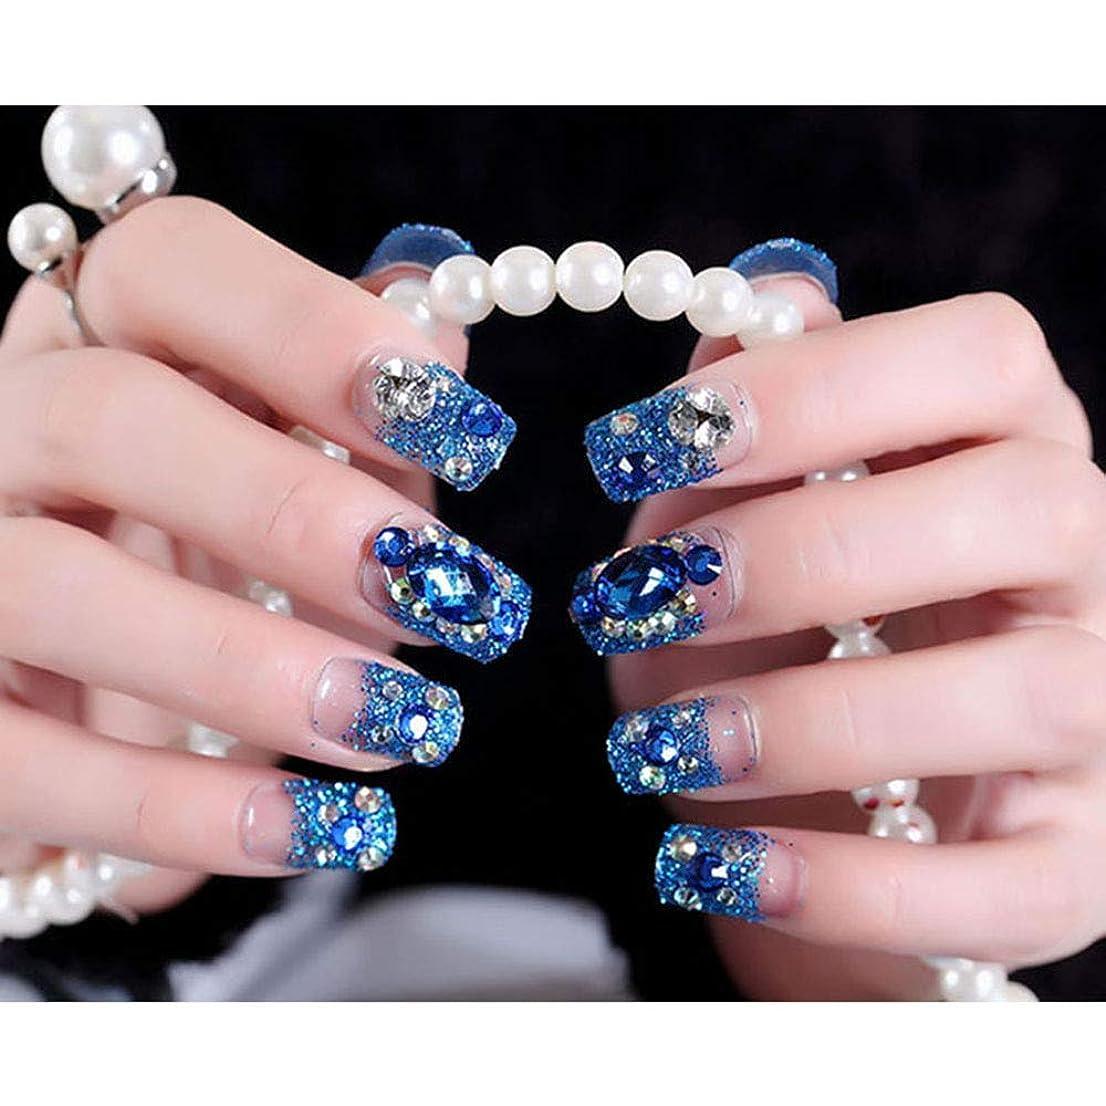 沼地想像力豊かなジムXUTXZKA ラインストーンファッション偽ネイルフルカバー花嫁ネイルアートのヒントと輝く青い色偽ネイル